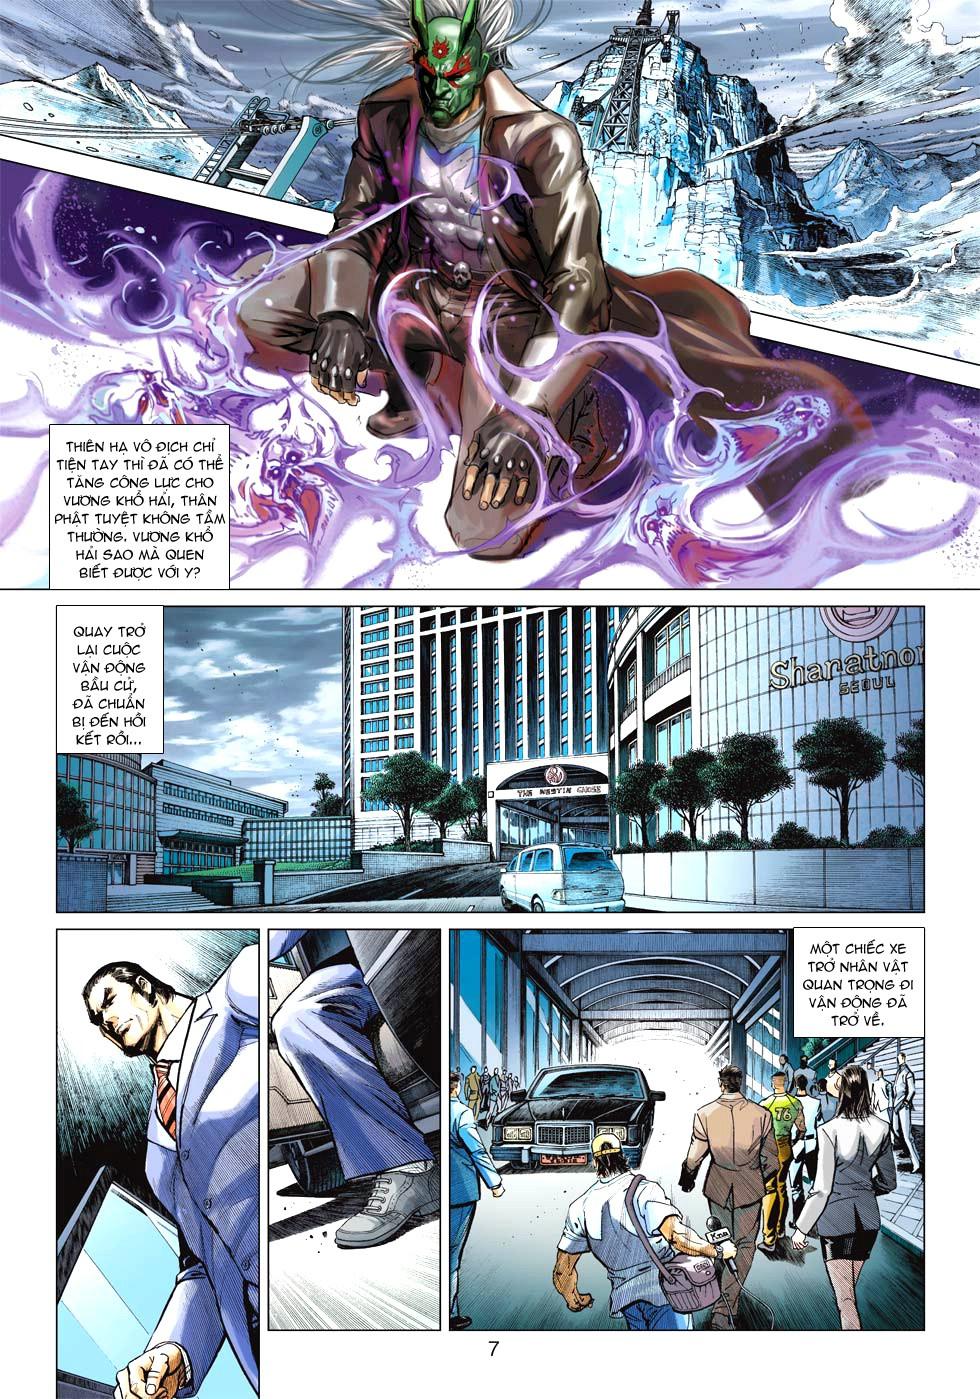 Vương Phong Lôi 1 chap 27 - Trang 6